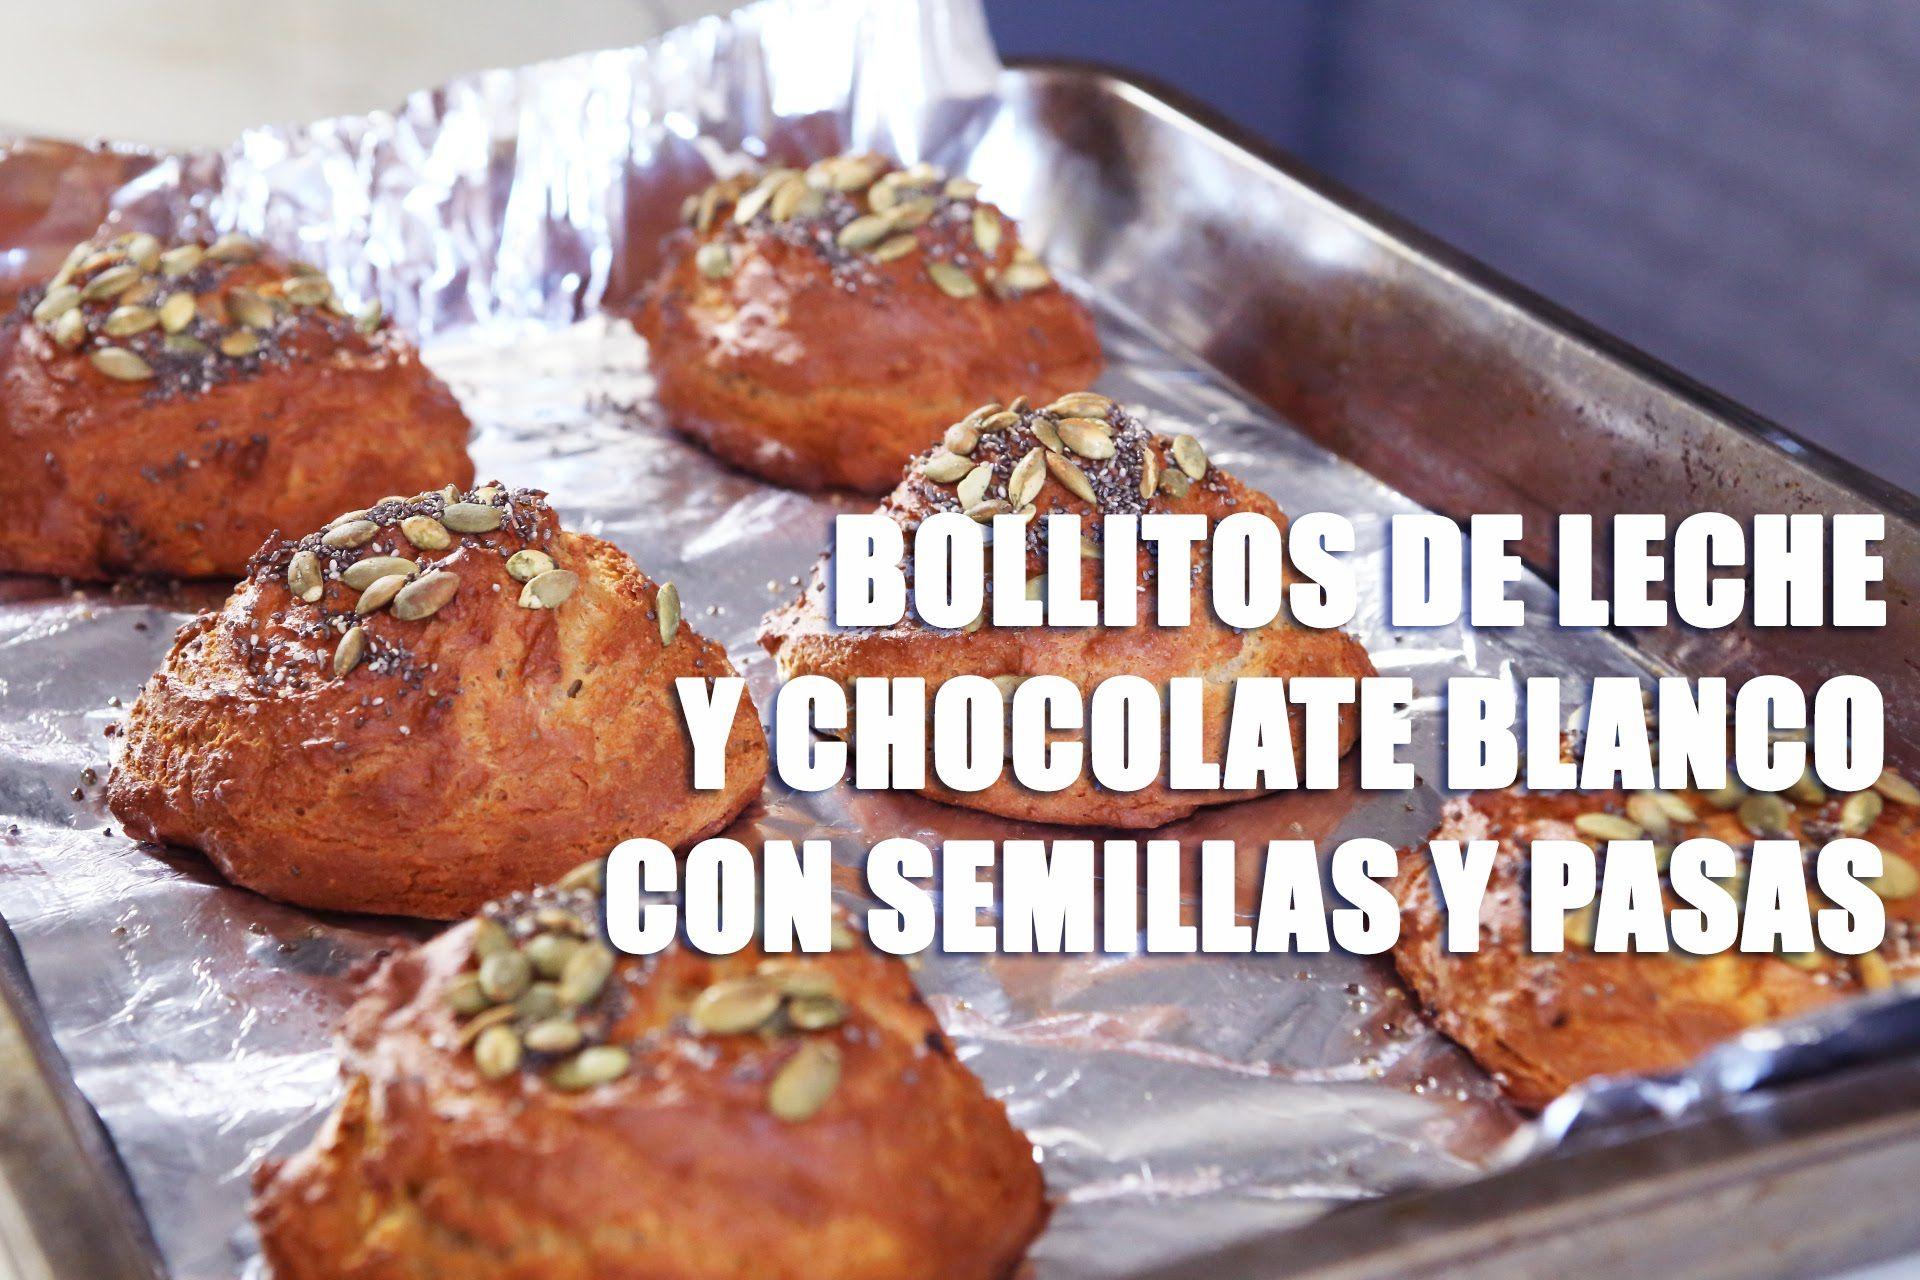 RECETA FITNESS/ Bollitos de leche y chocolate blanco con semillas y pasas